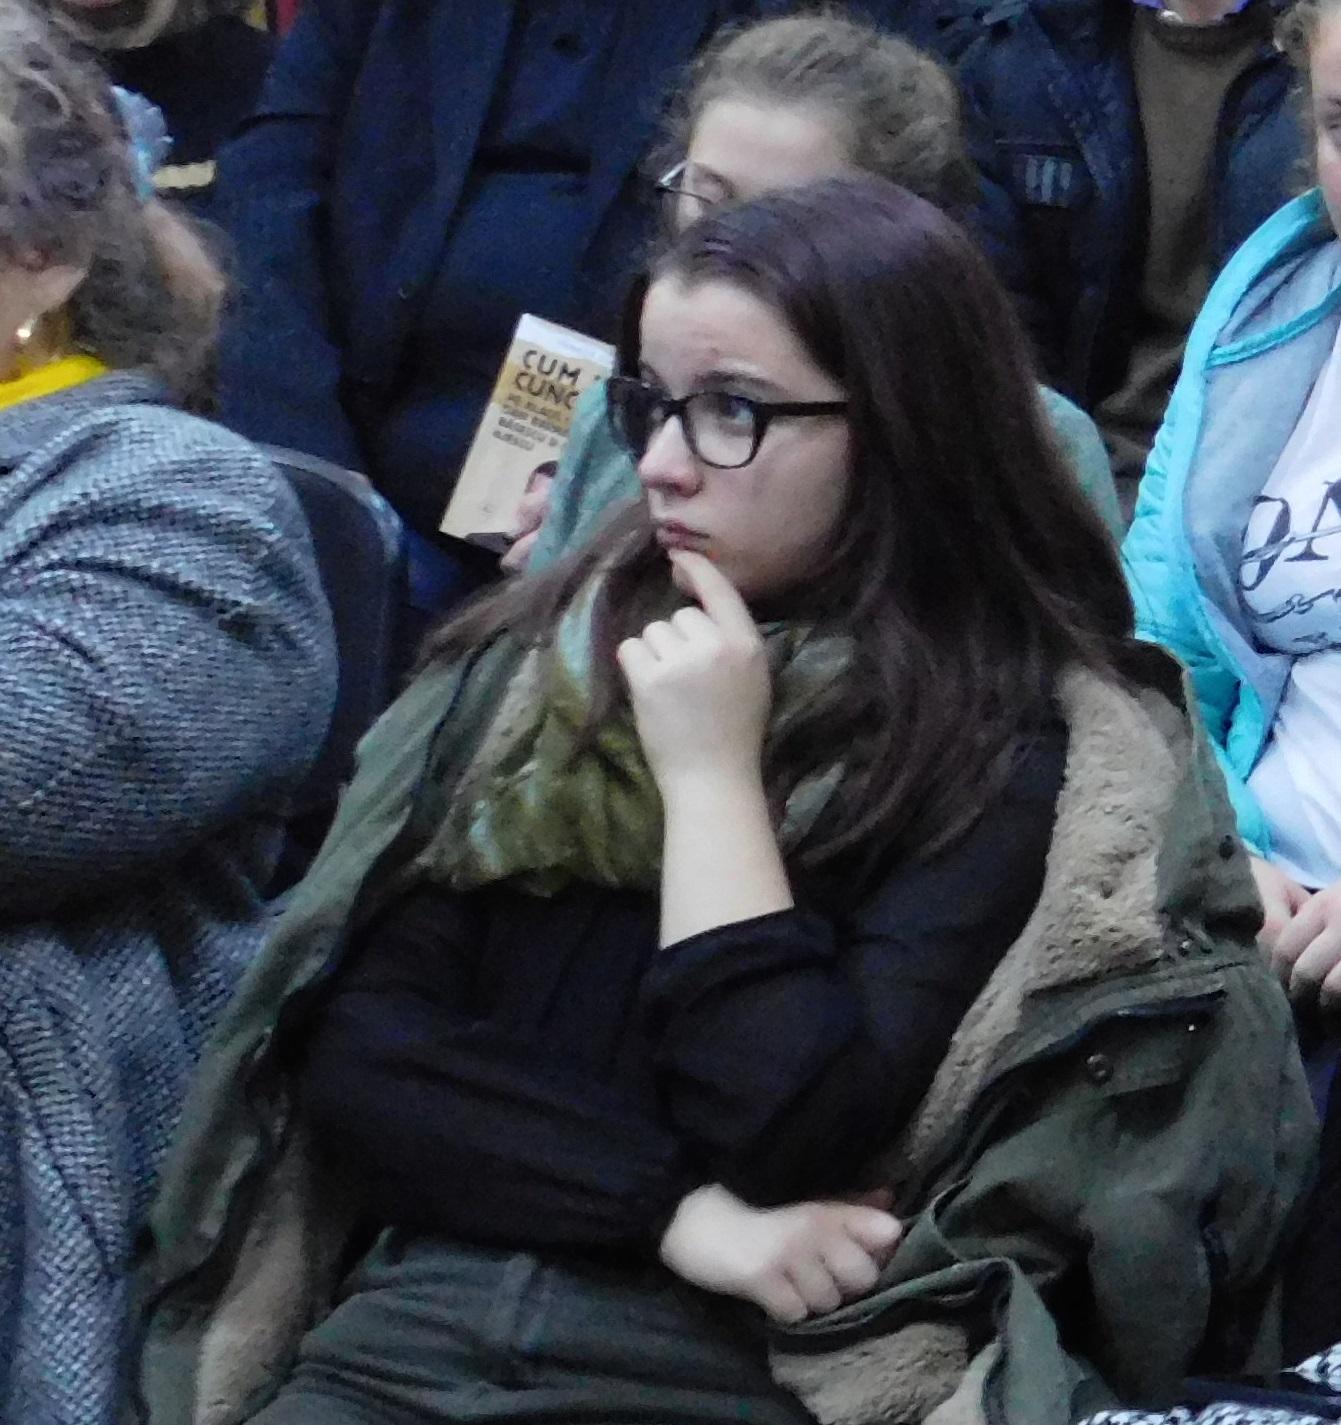 VIDEO Strigătul tinerilor pentru toți politicienii s-a auzit prin vocea unei copile de 14 ani. Vezi ce așteaptă tinerii de la clasa politică 1